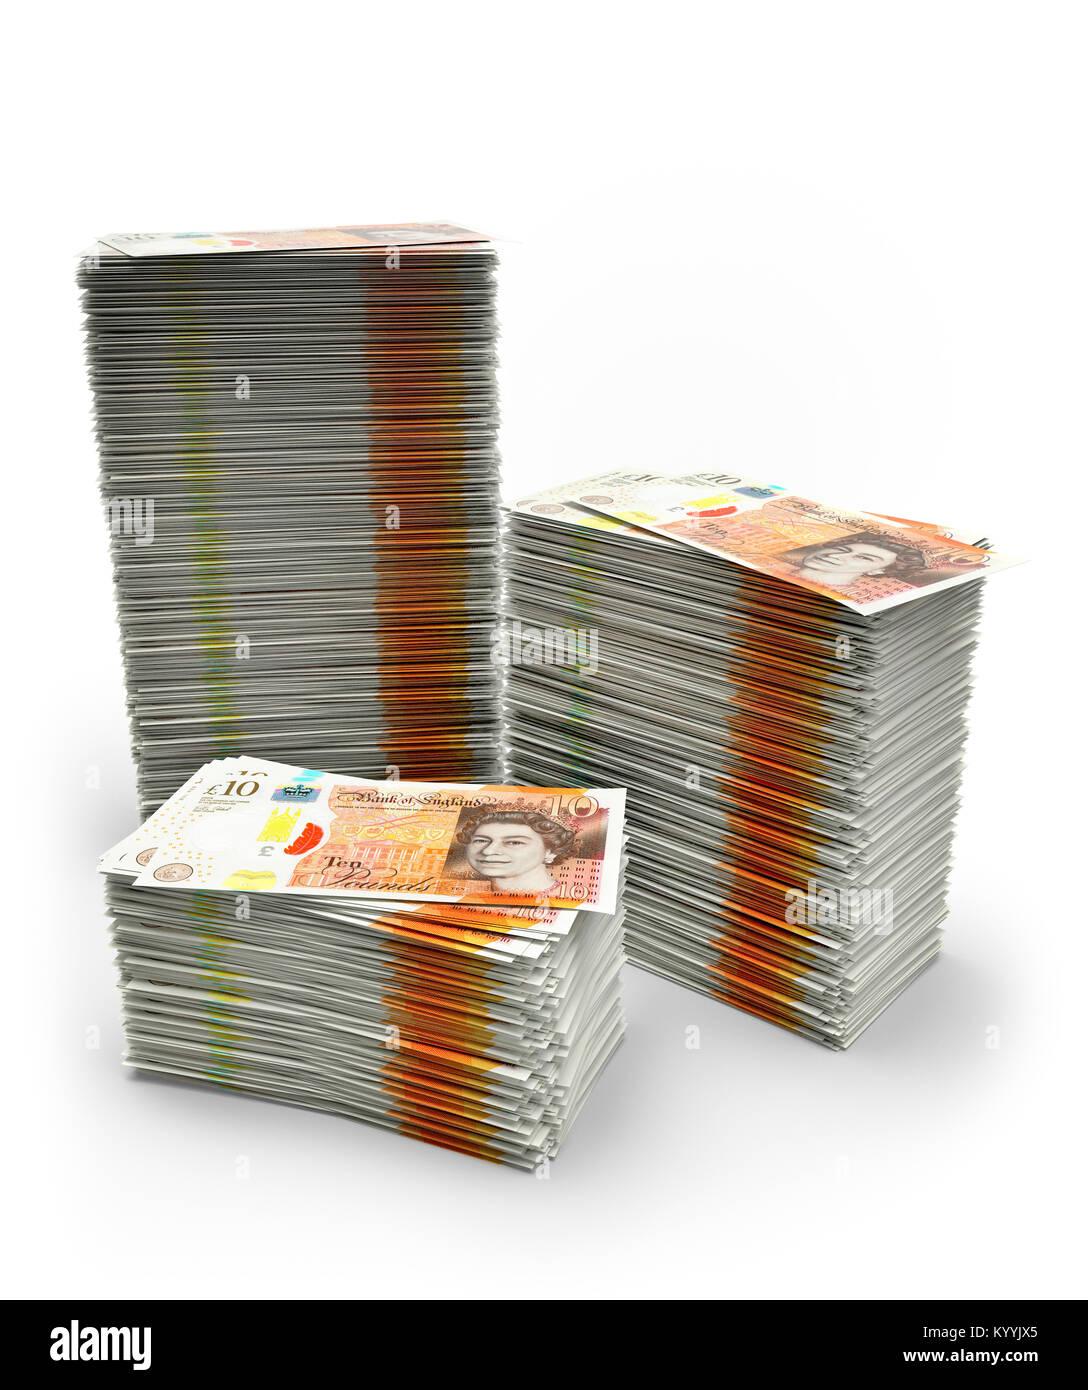 Pilas de diez libras esterlinas notas sobre un fondo blanco, ilustrando el ahorro o la deuda - Nuevo diseño 2017 Foto de stock